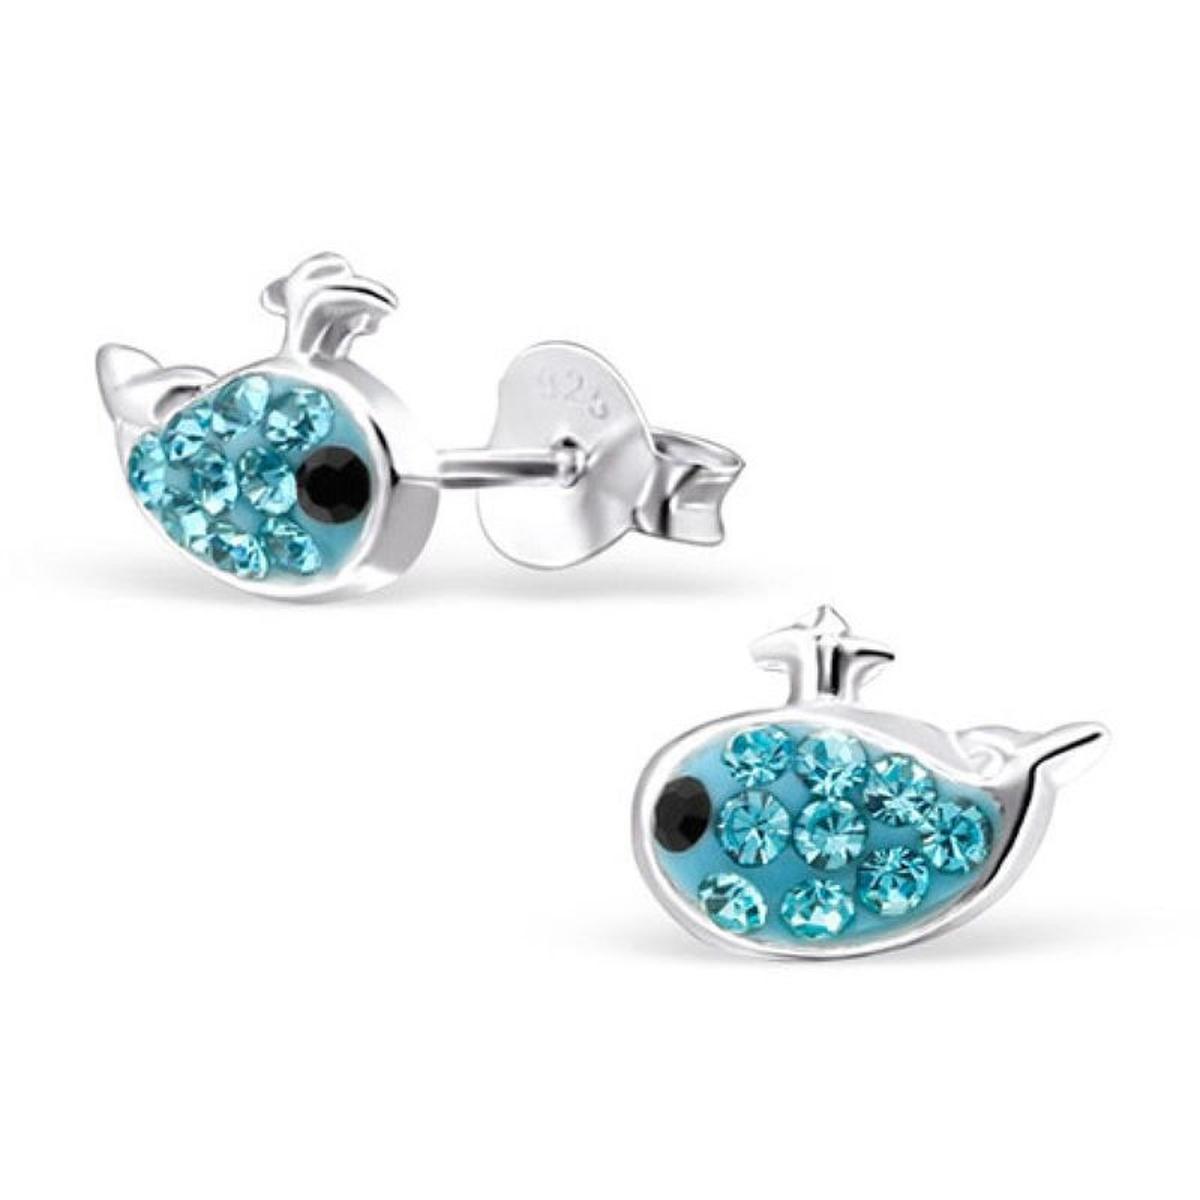 Boucles d'oreilles Baleine Mobidic Strass Bleu Argent 925